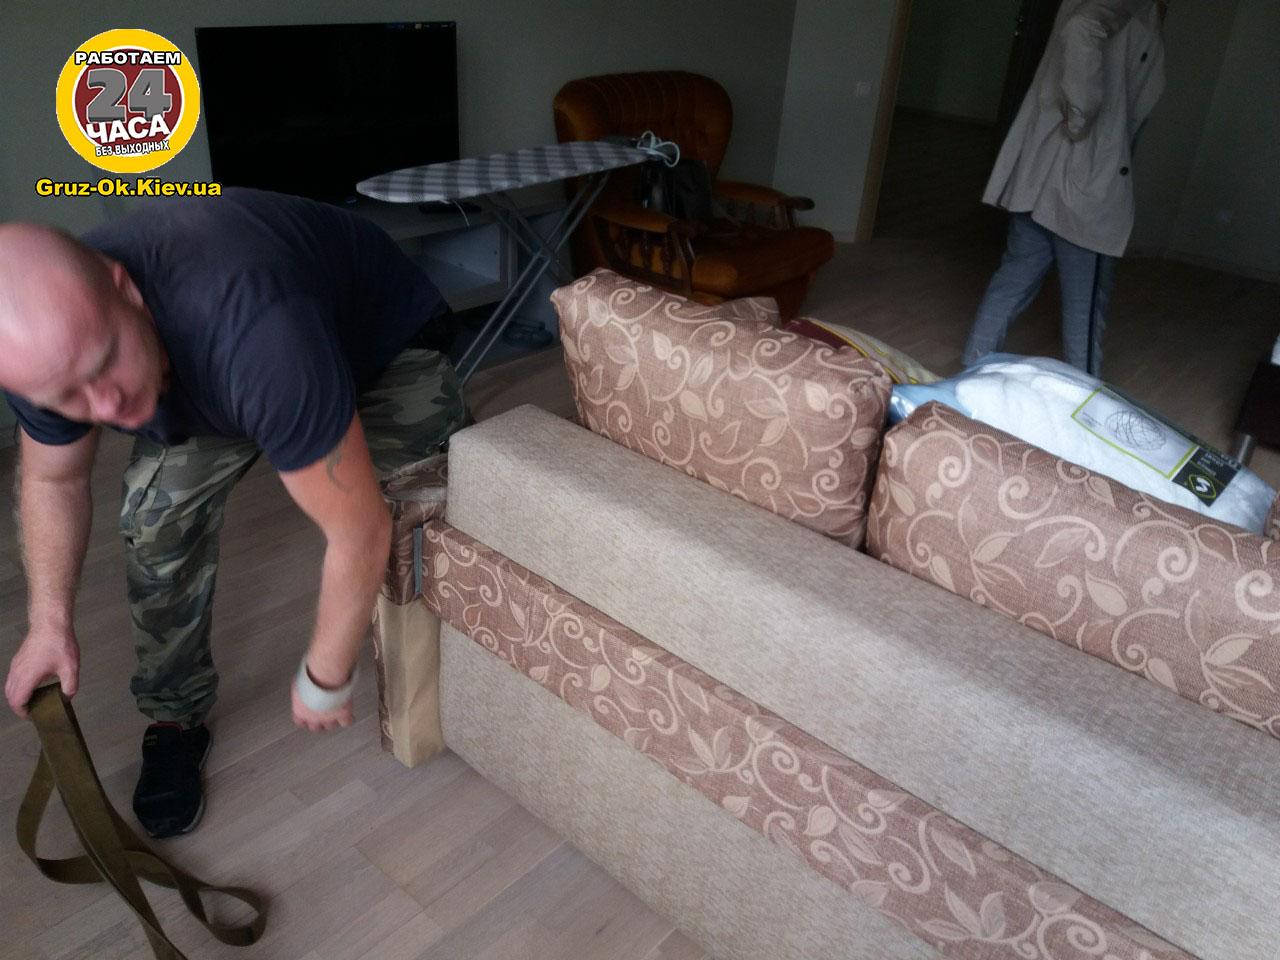 Как перевезти диван, основные моменты